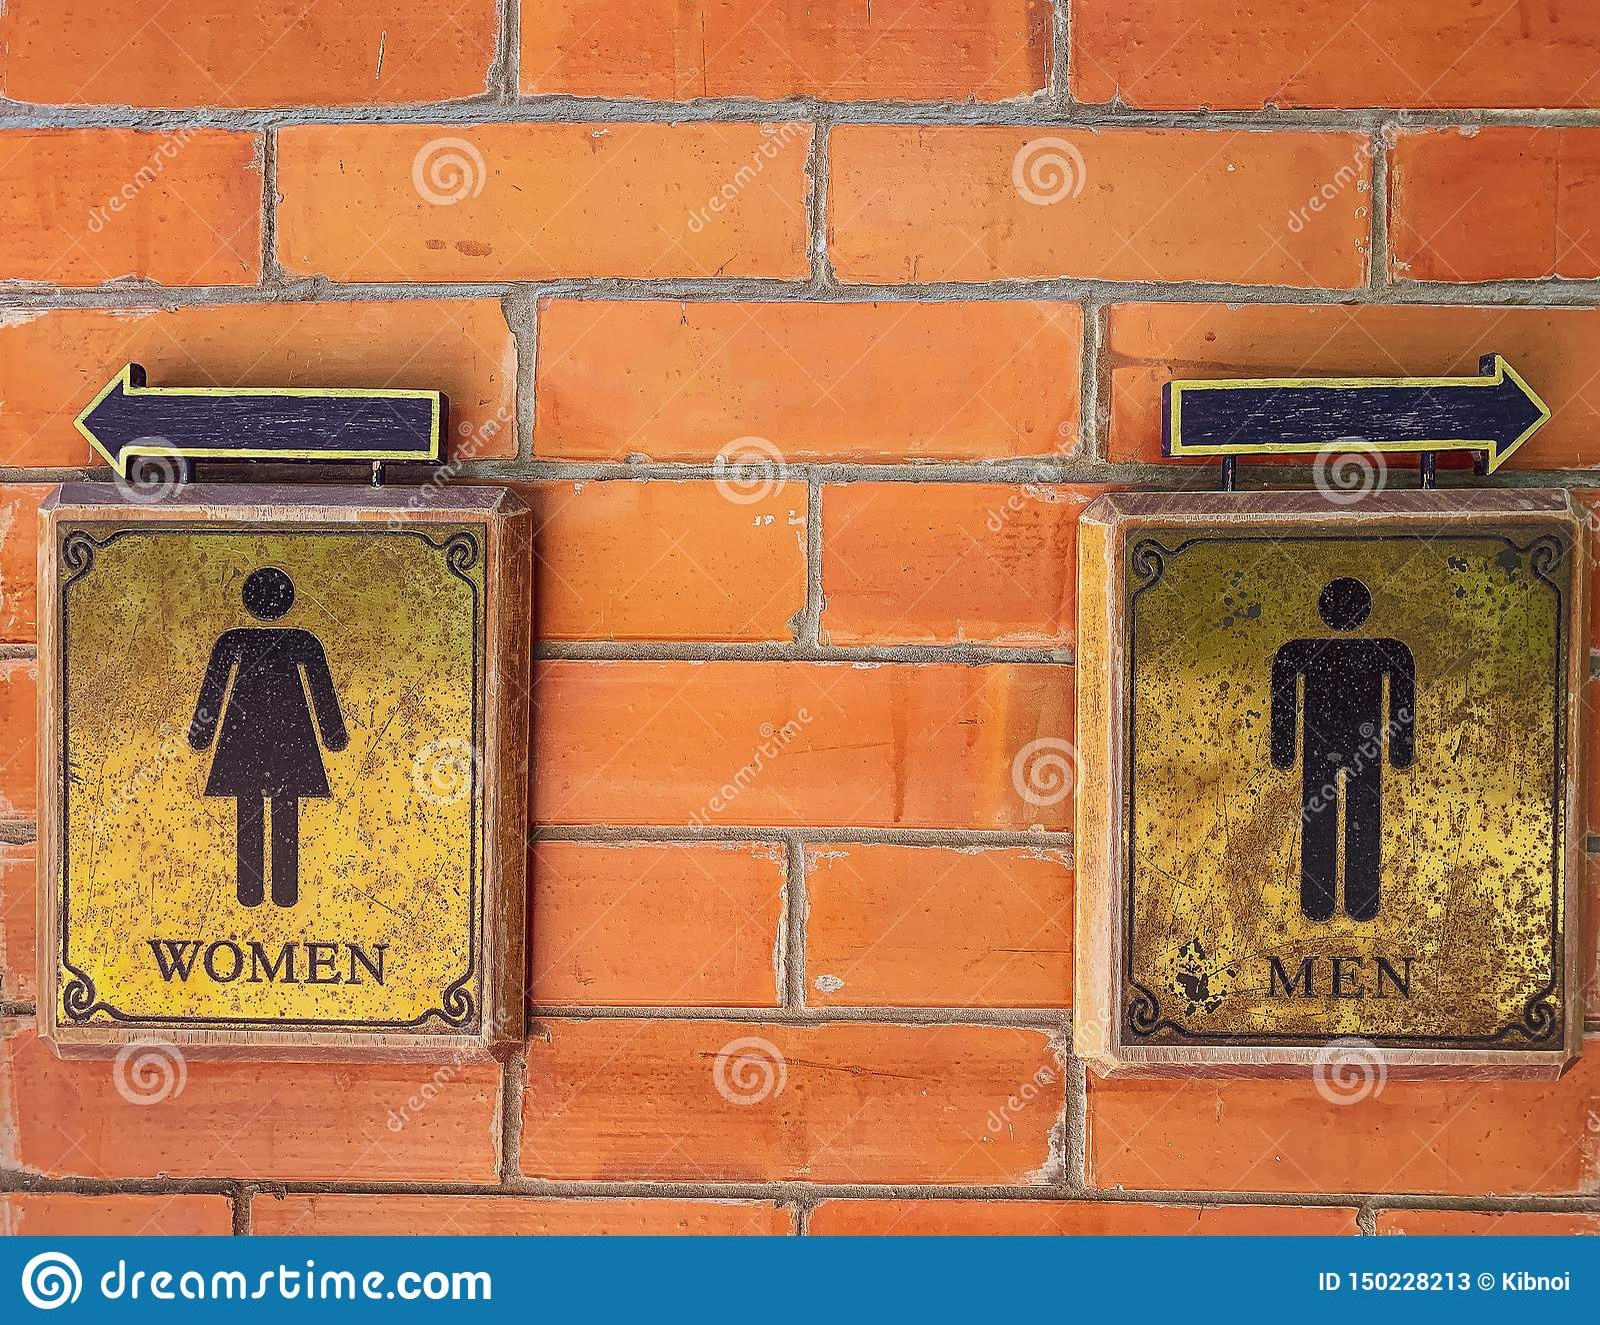 WC на стене блоков кирпича, ретро стили знака